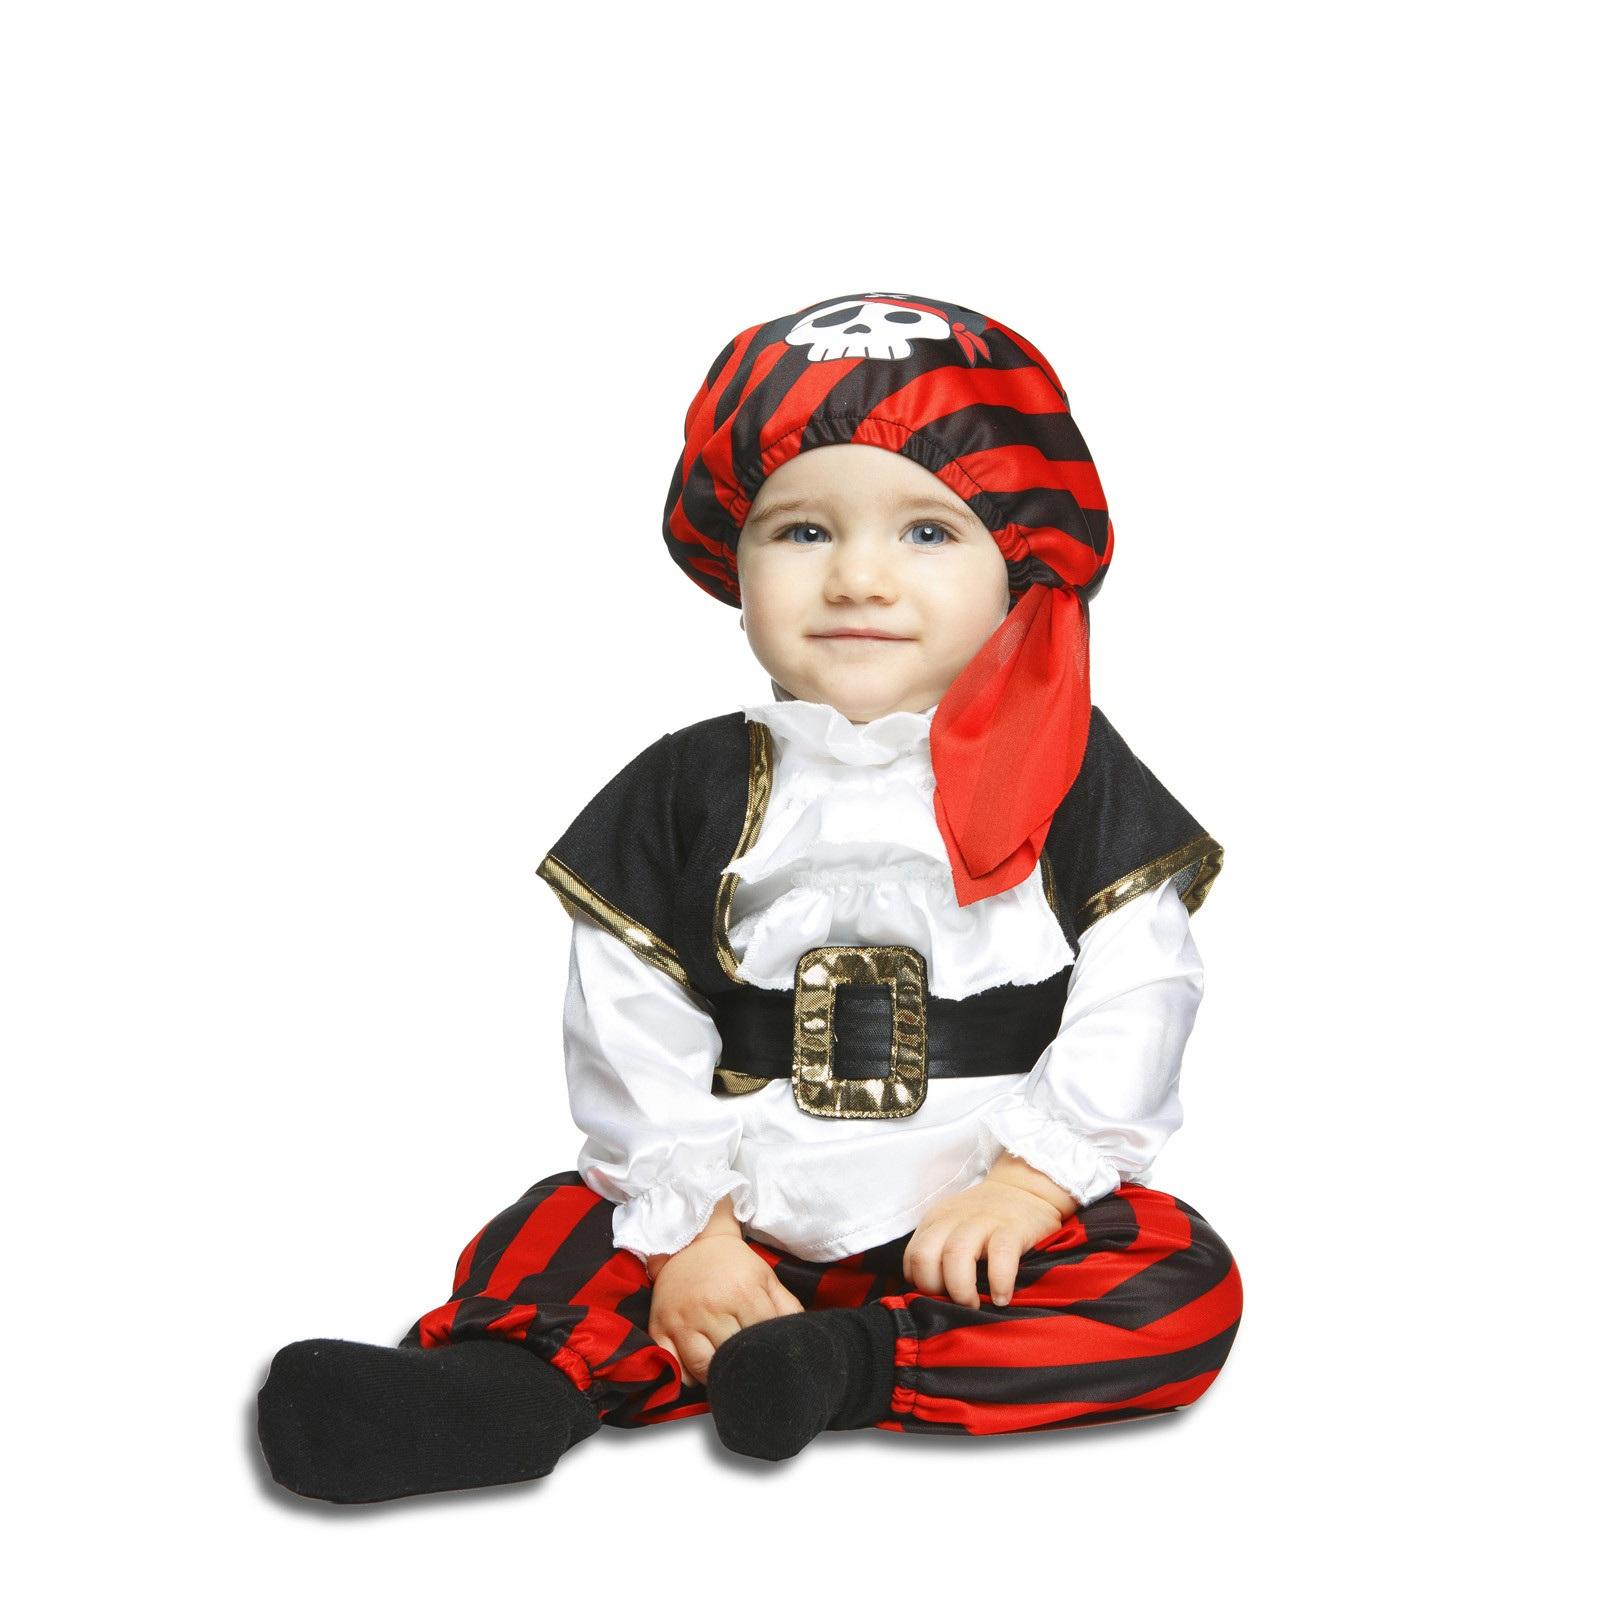 disfraz pequeño pirata bebé 203818mom - DISFRAZ DE PEQUEÑO PIRATA BEBE